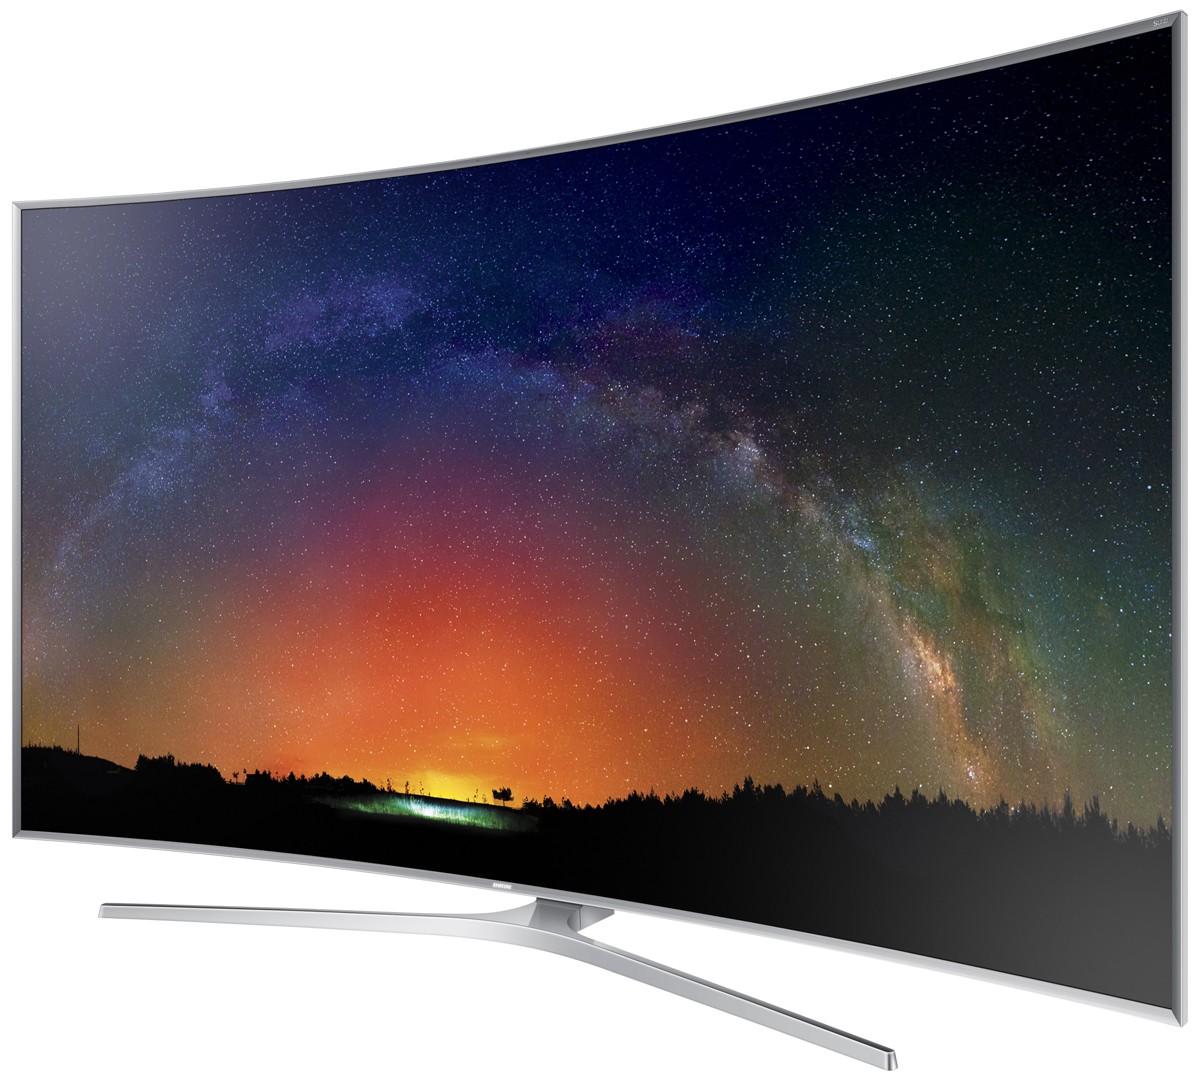 В Российской Федерации начались продажи флагманских телевизоров Самсунг